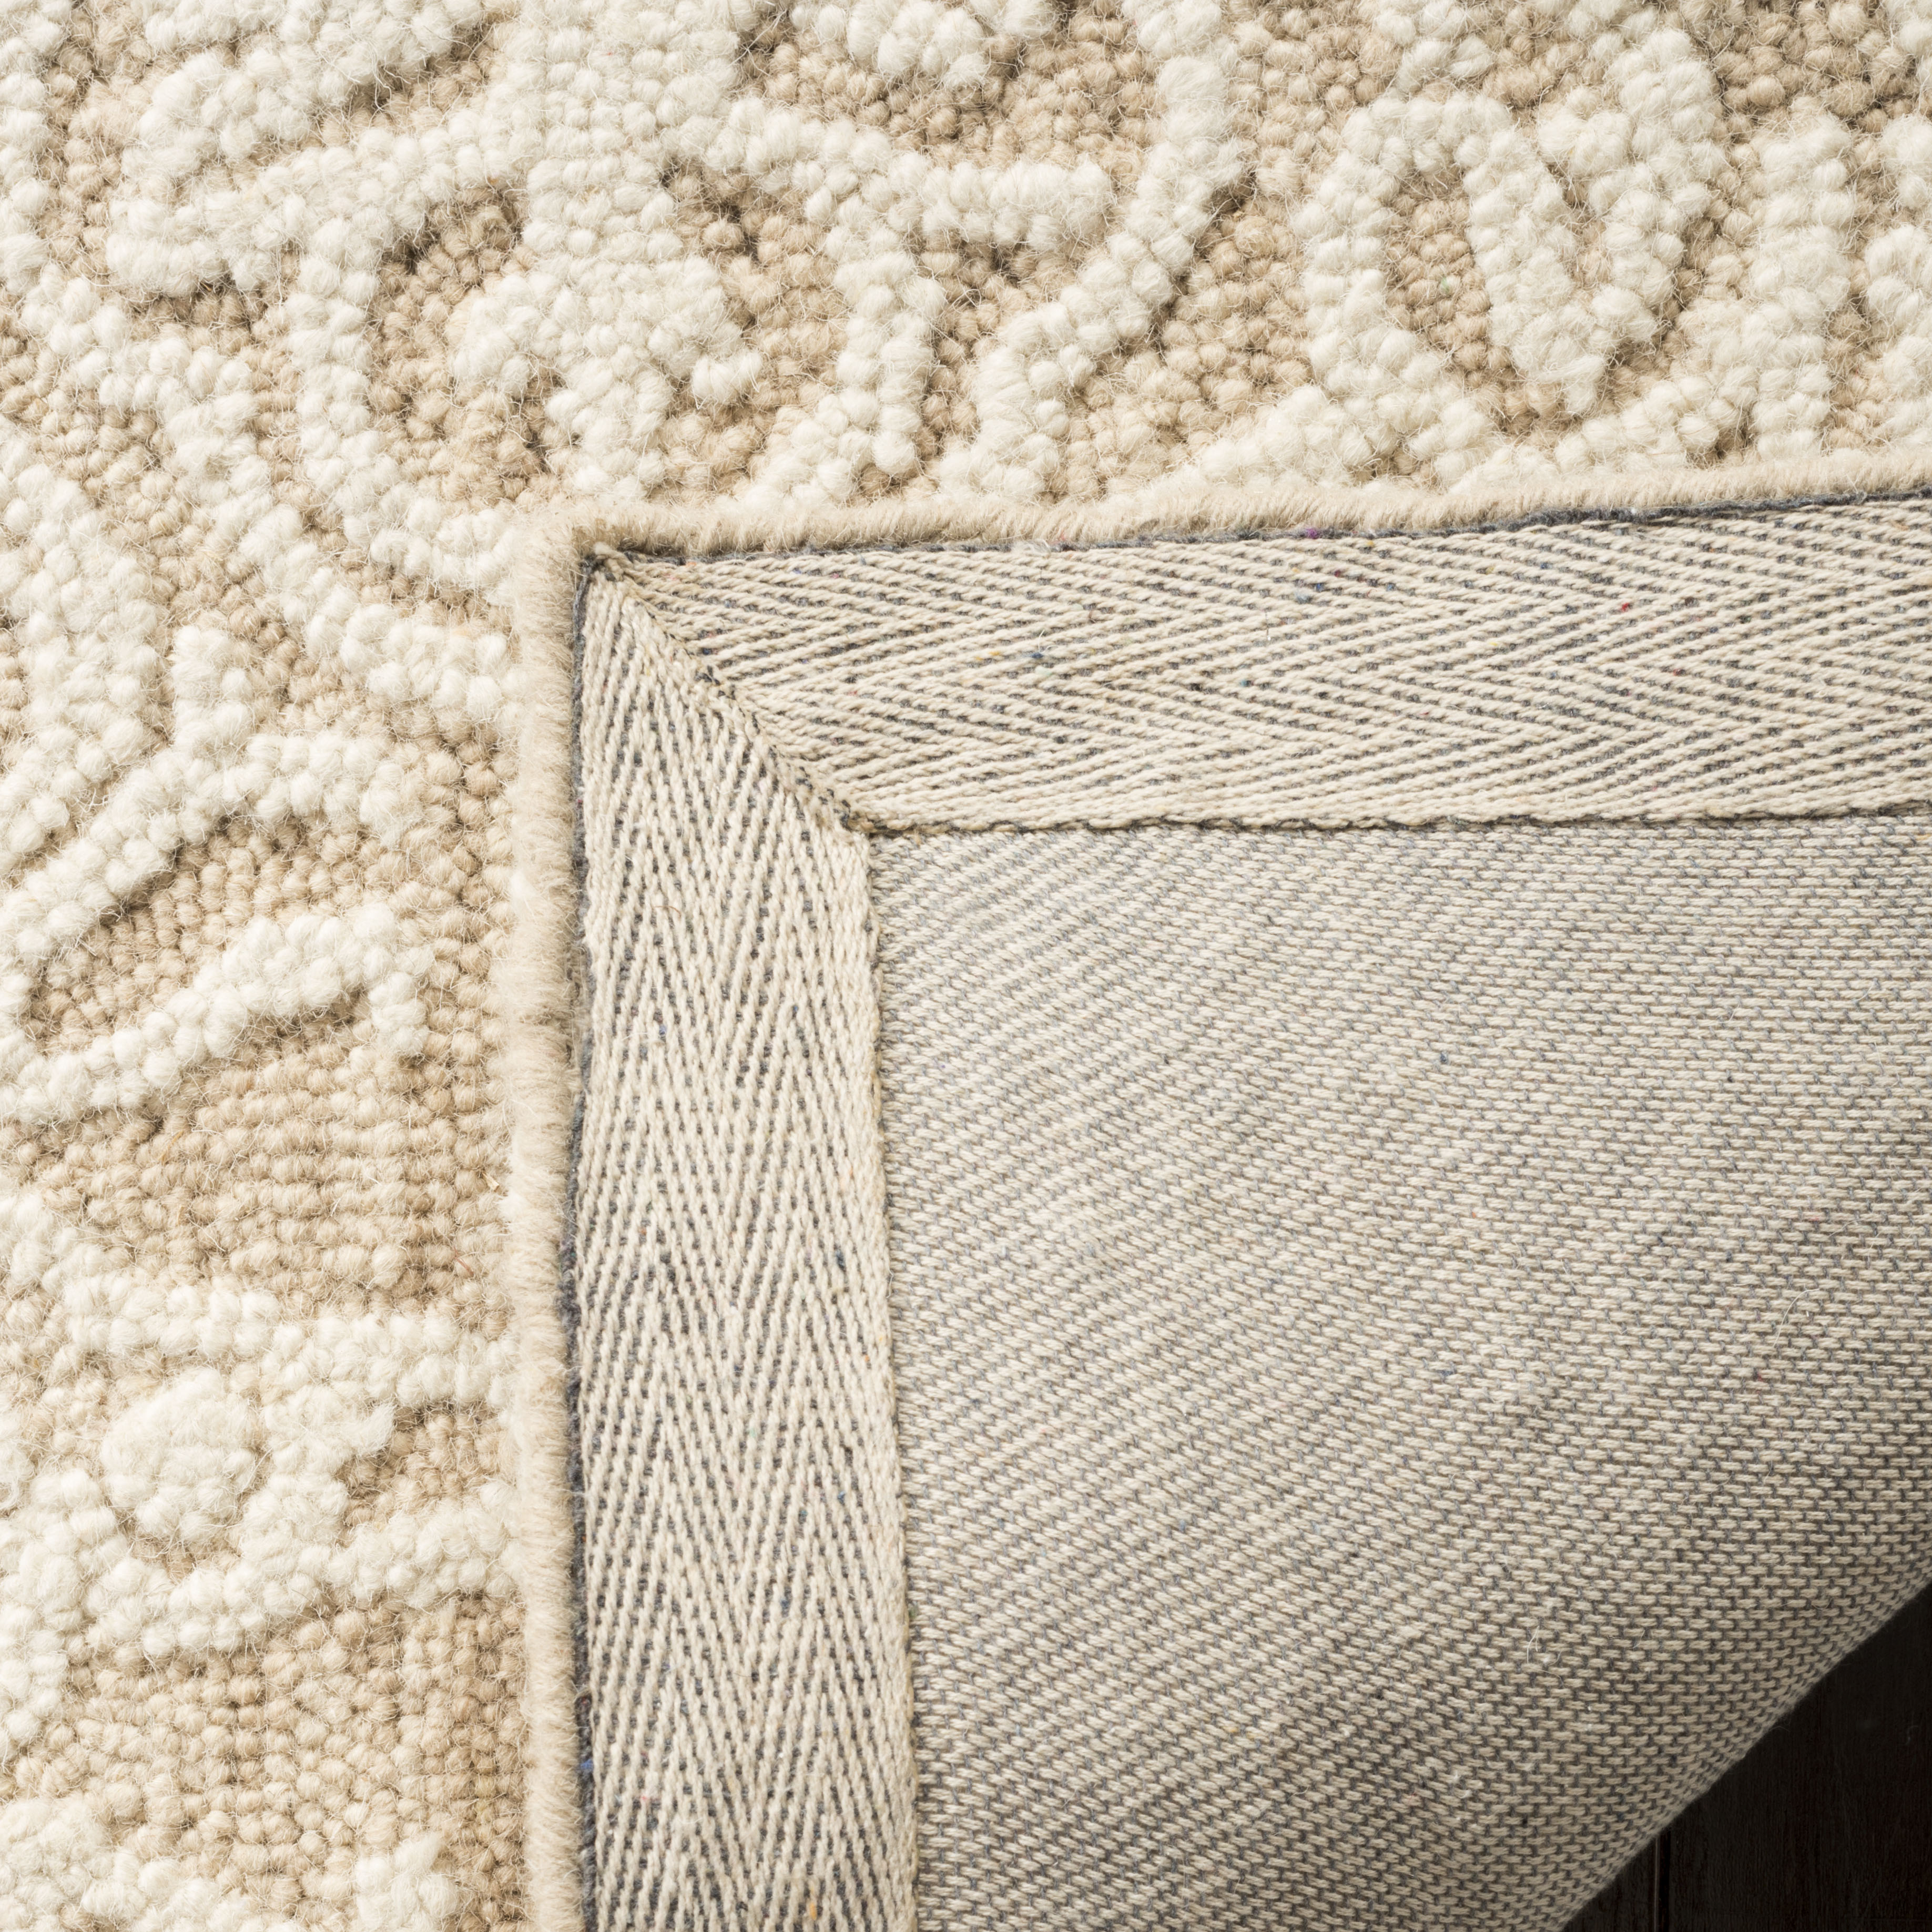 Morgan 112 8' X 10' Tan Wool Rug